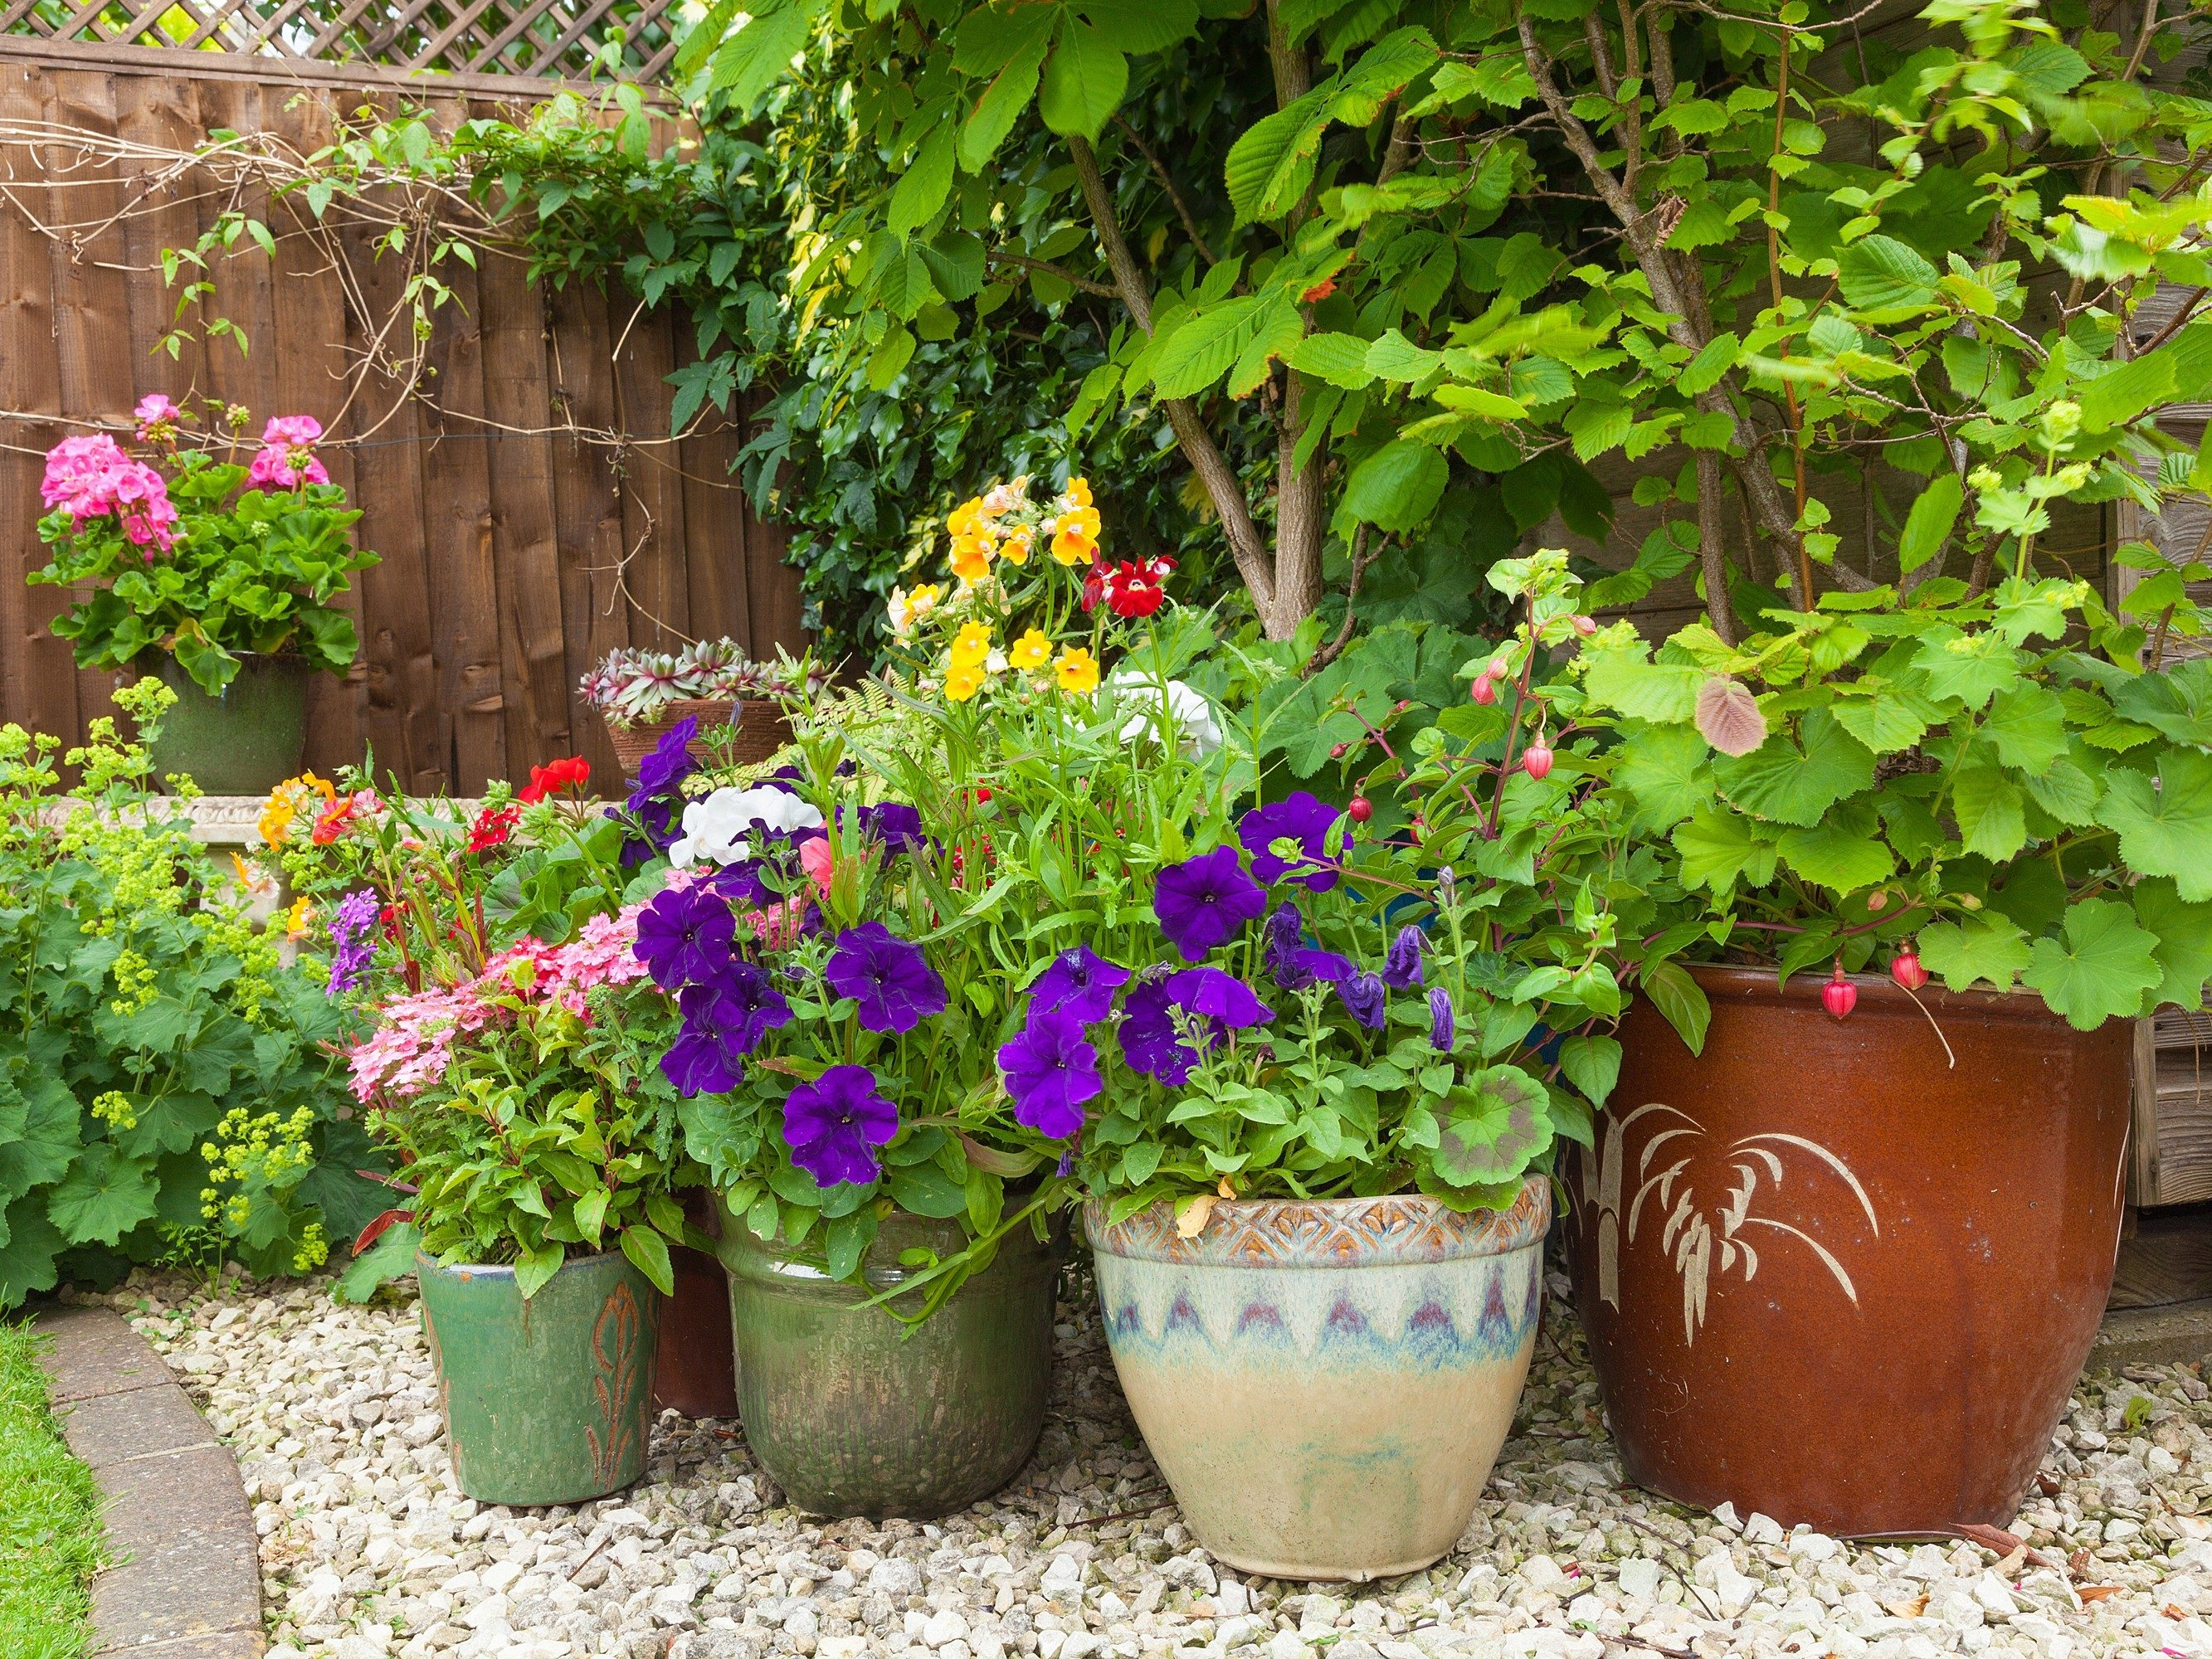 5. Grow a Container Garden